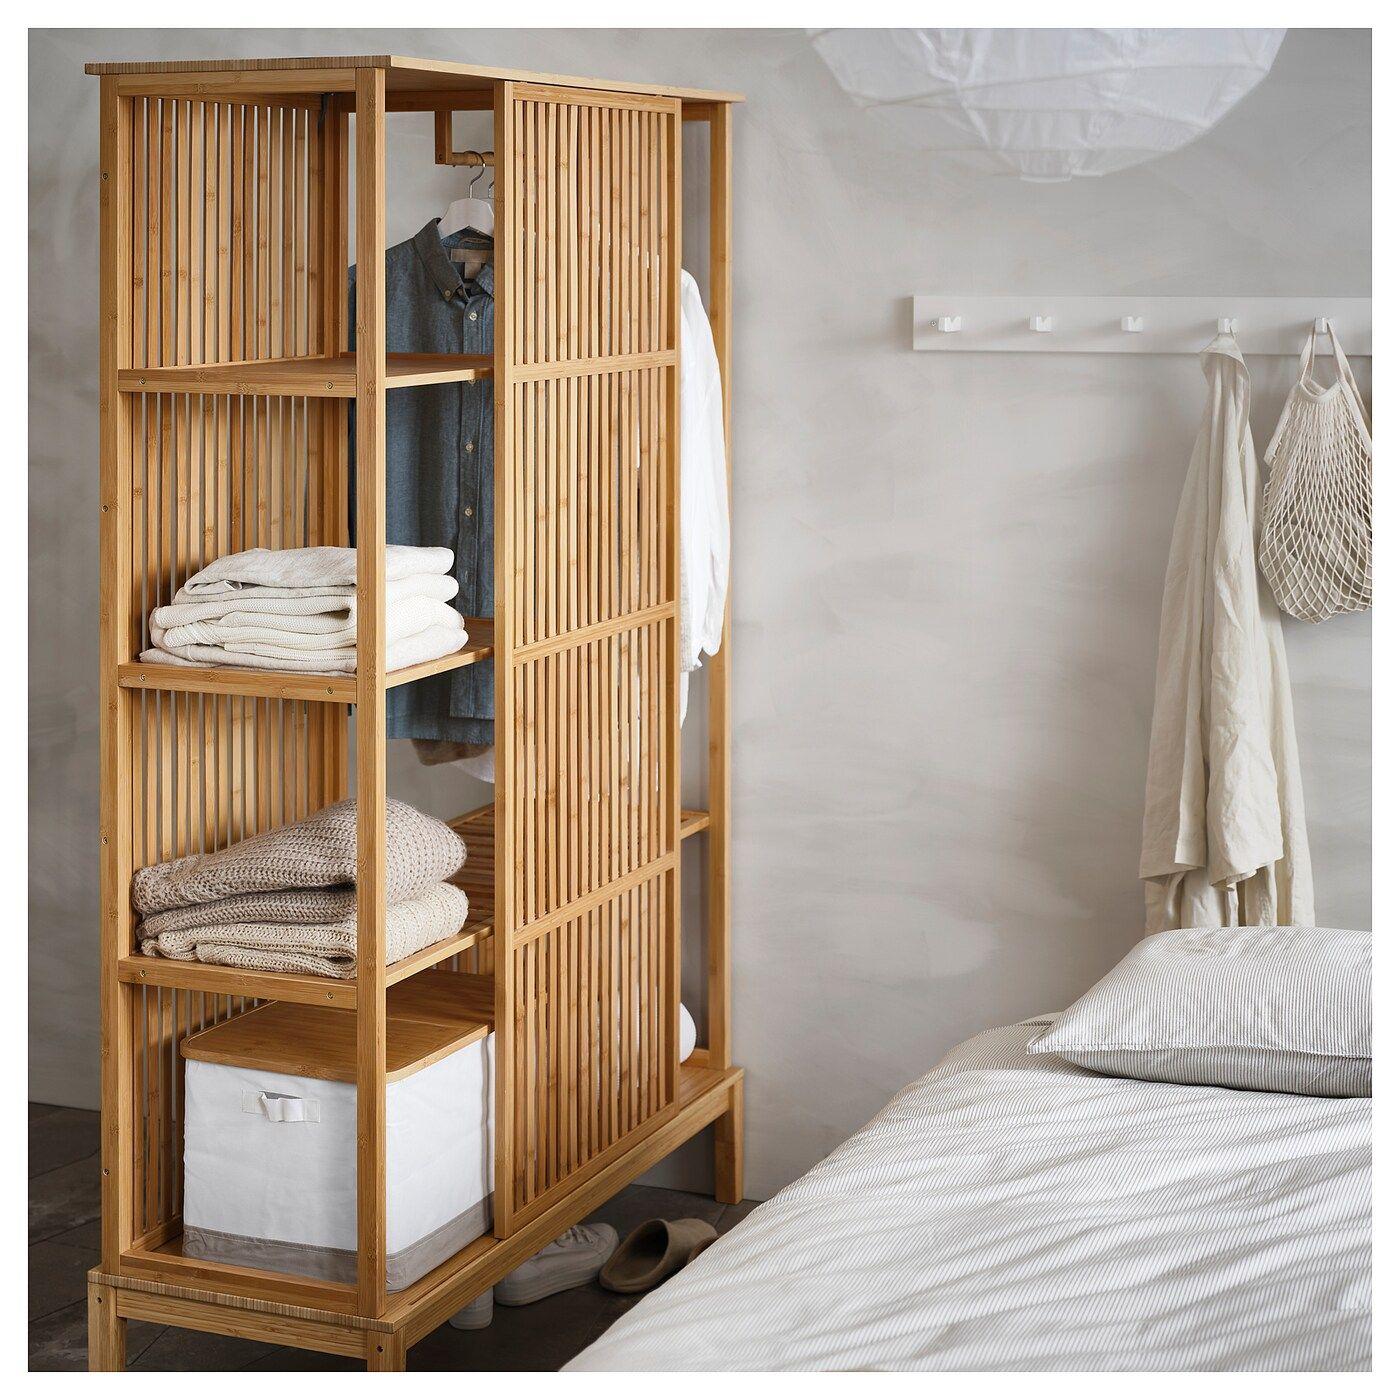 Nordkisa Kleiderschrank Offen Schiebetur Bambus Ikea